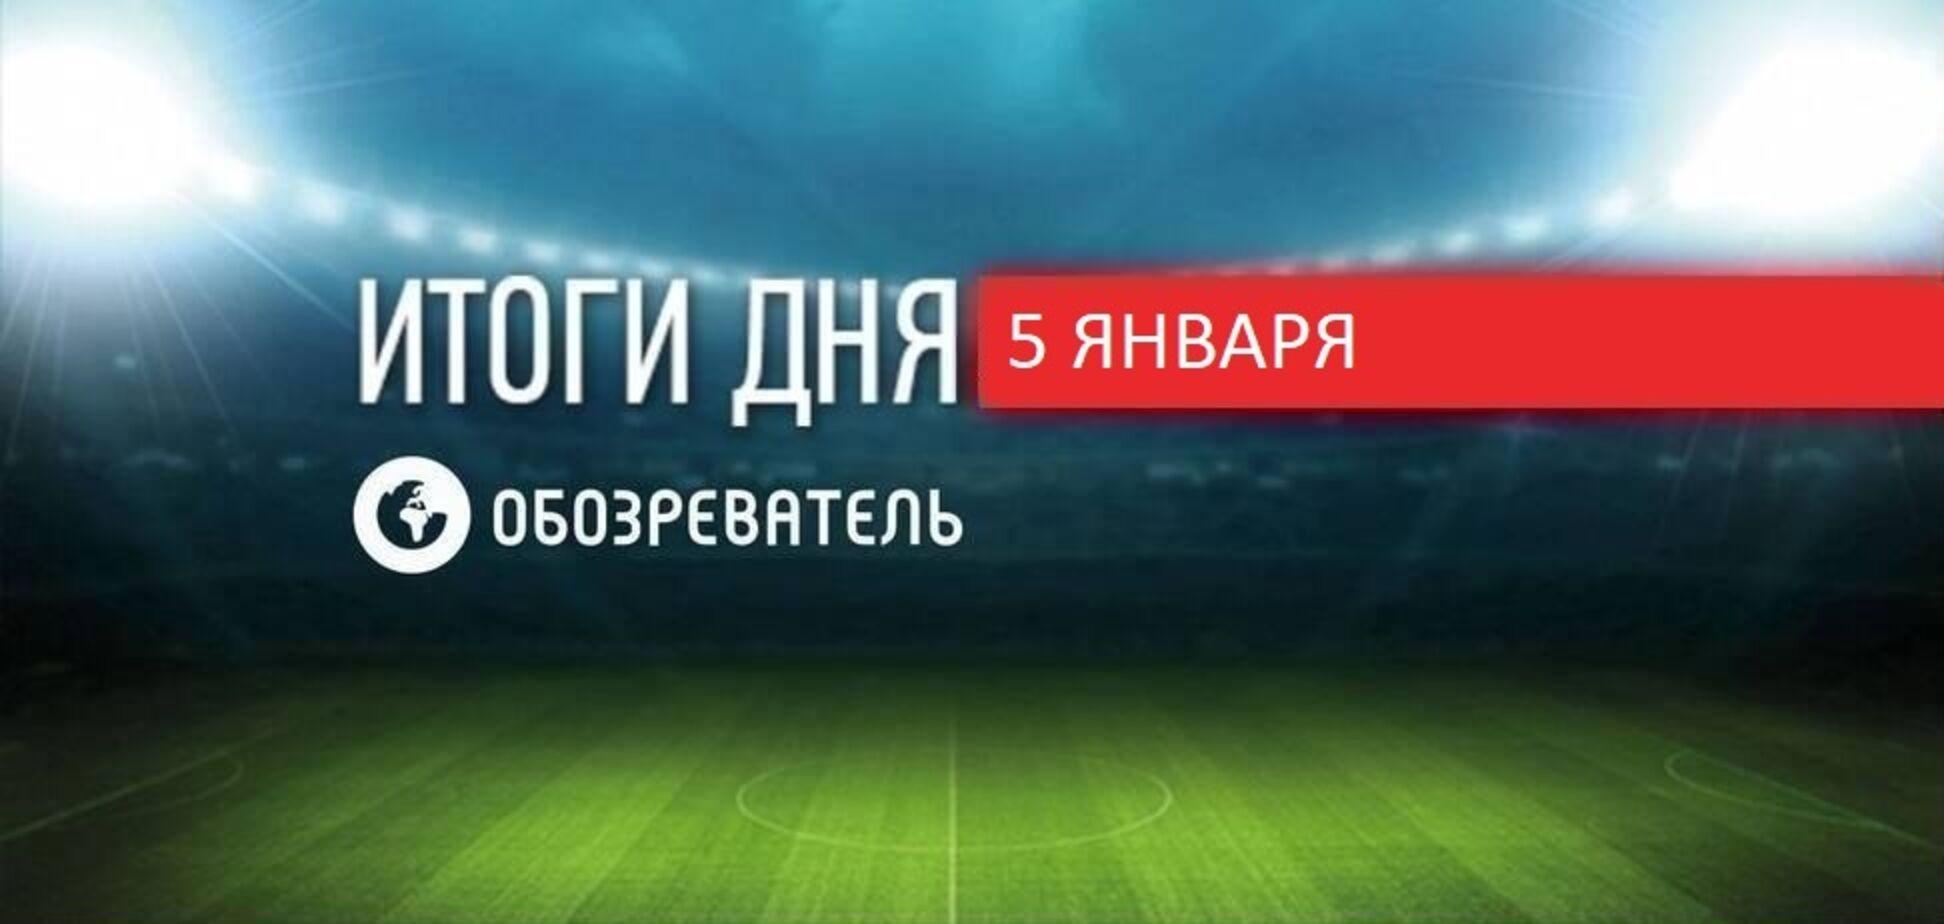 Срна заявив, що 'Шахтар' вигнали з Донецька: спортивні підсумки 5 січня